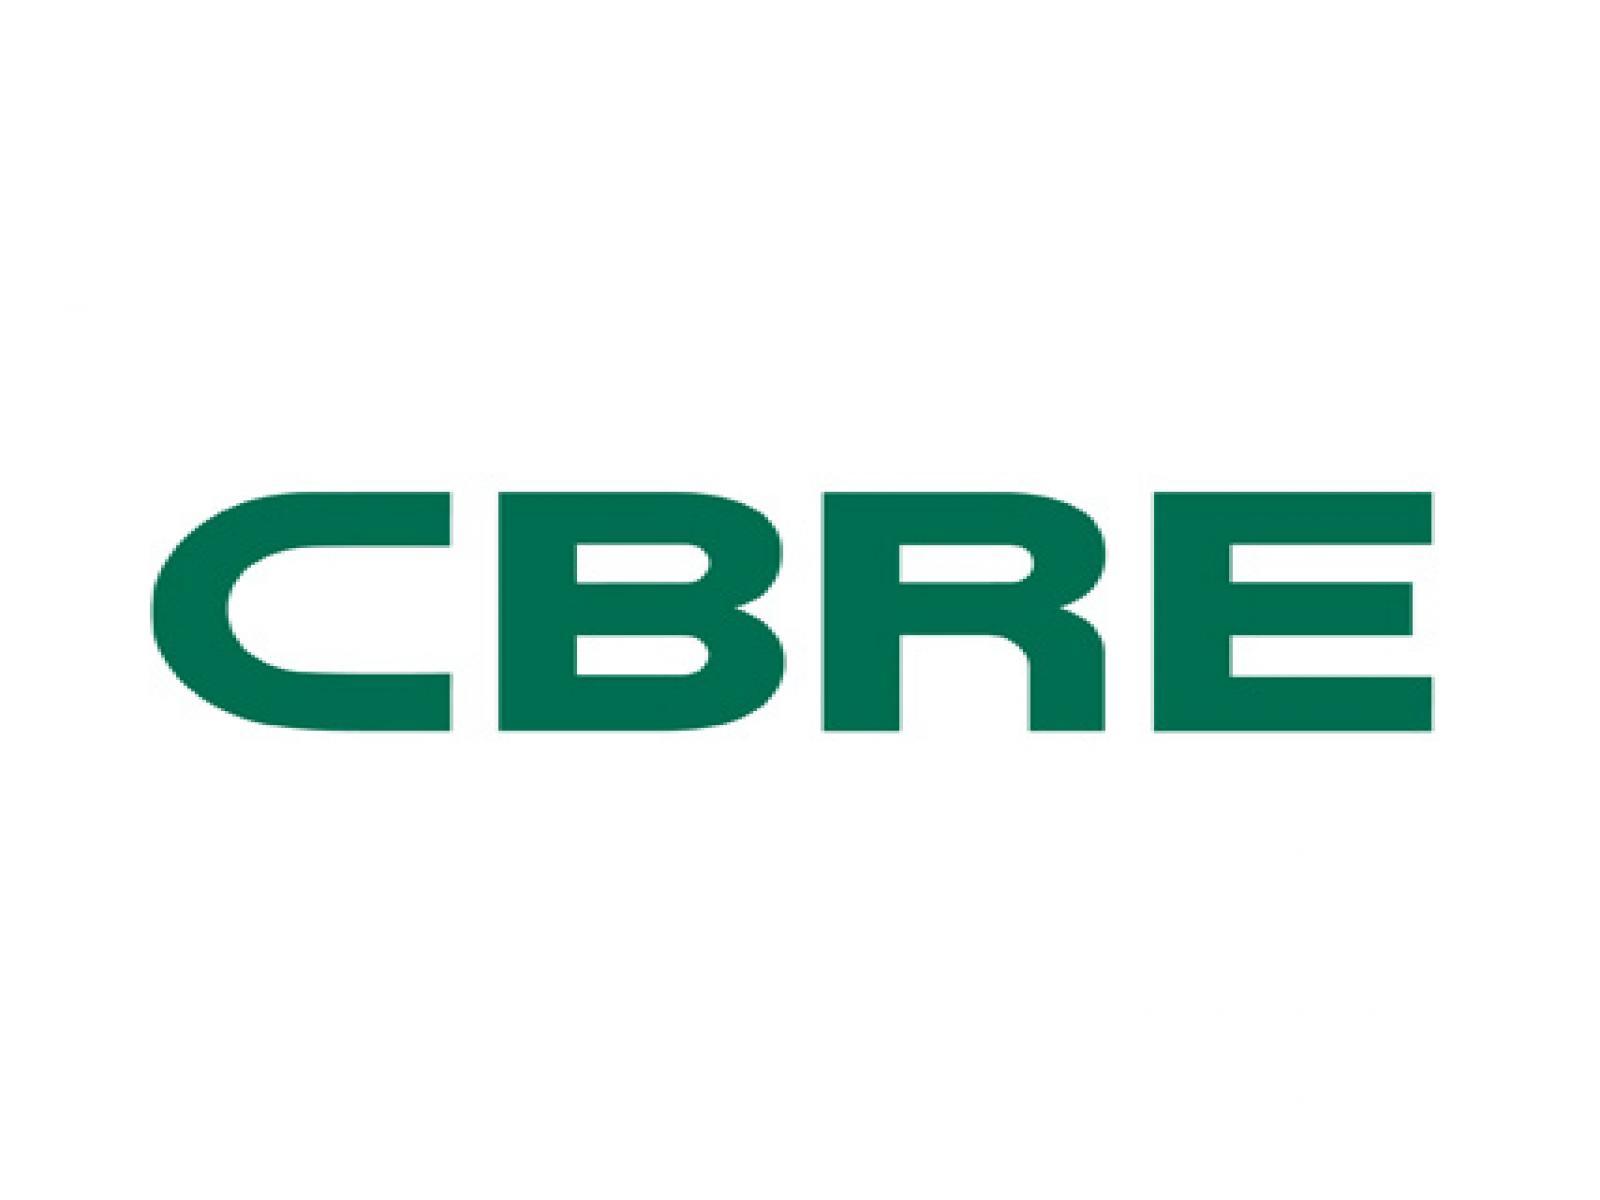 cbre_logo_green_7